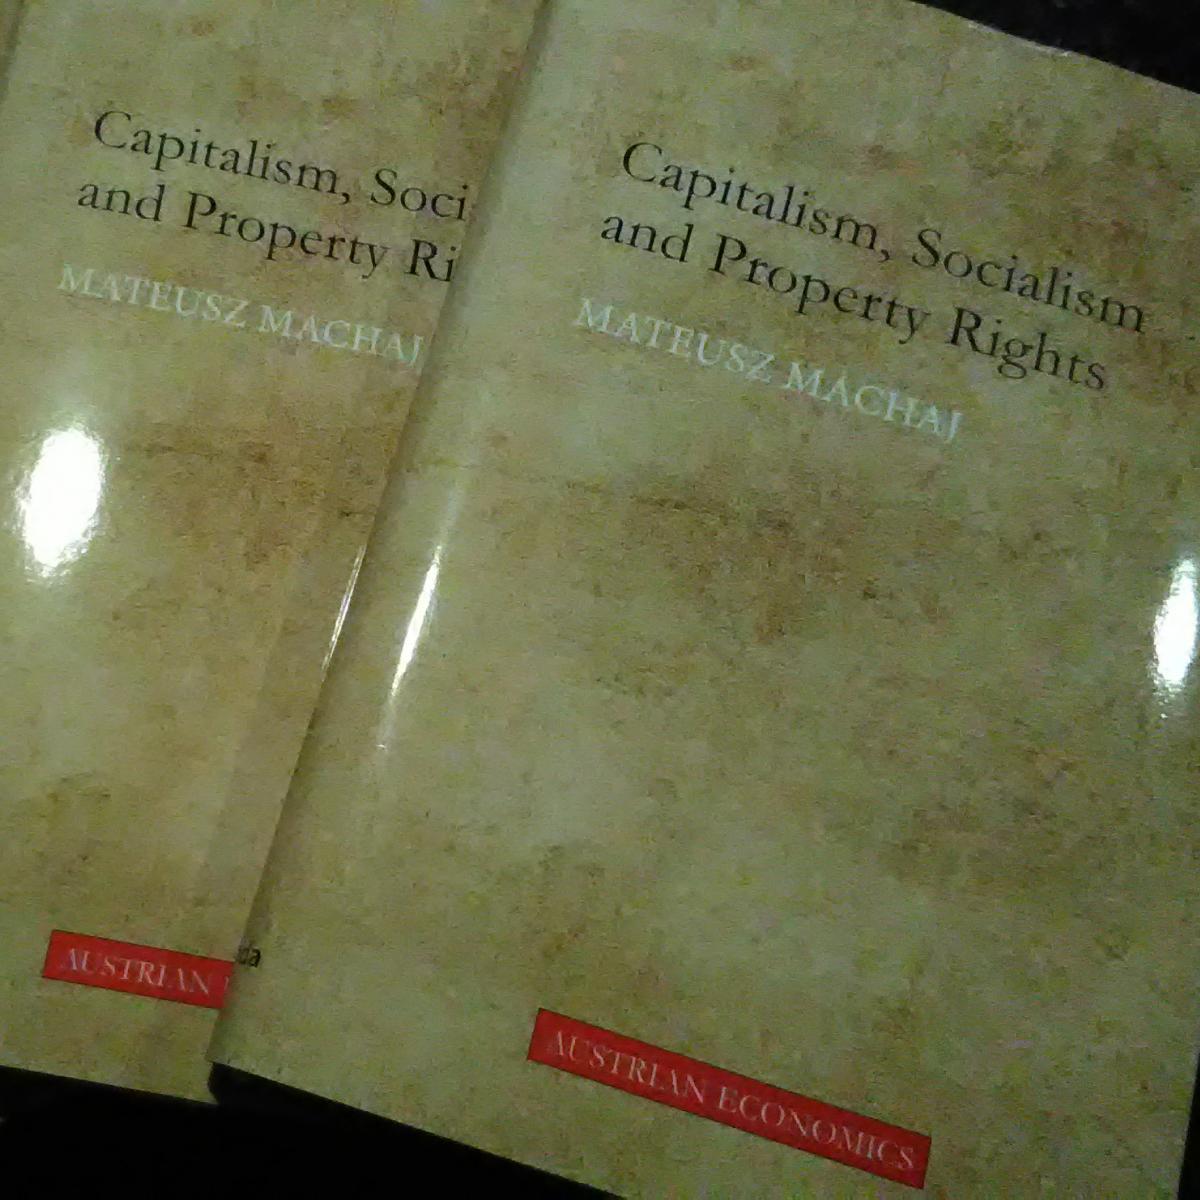 First book in Austrian Economics book series | Mises Institute